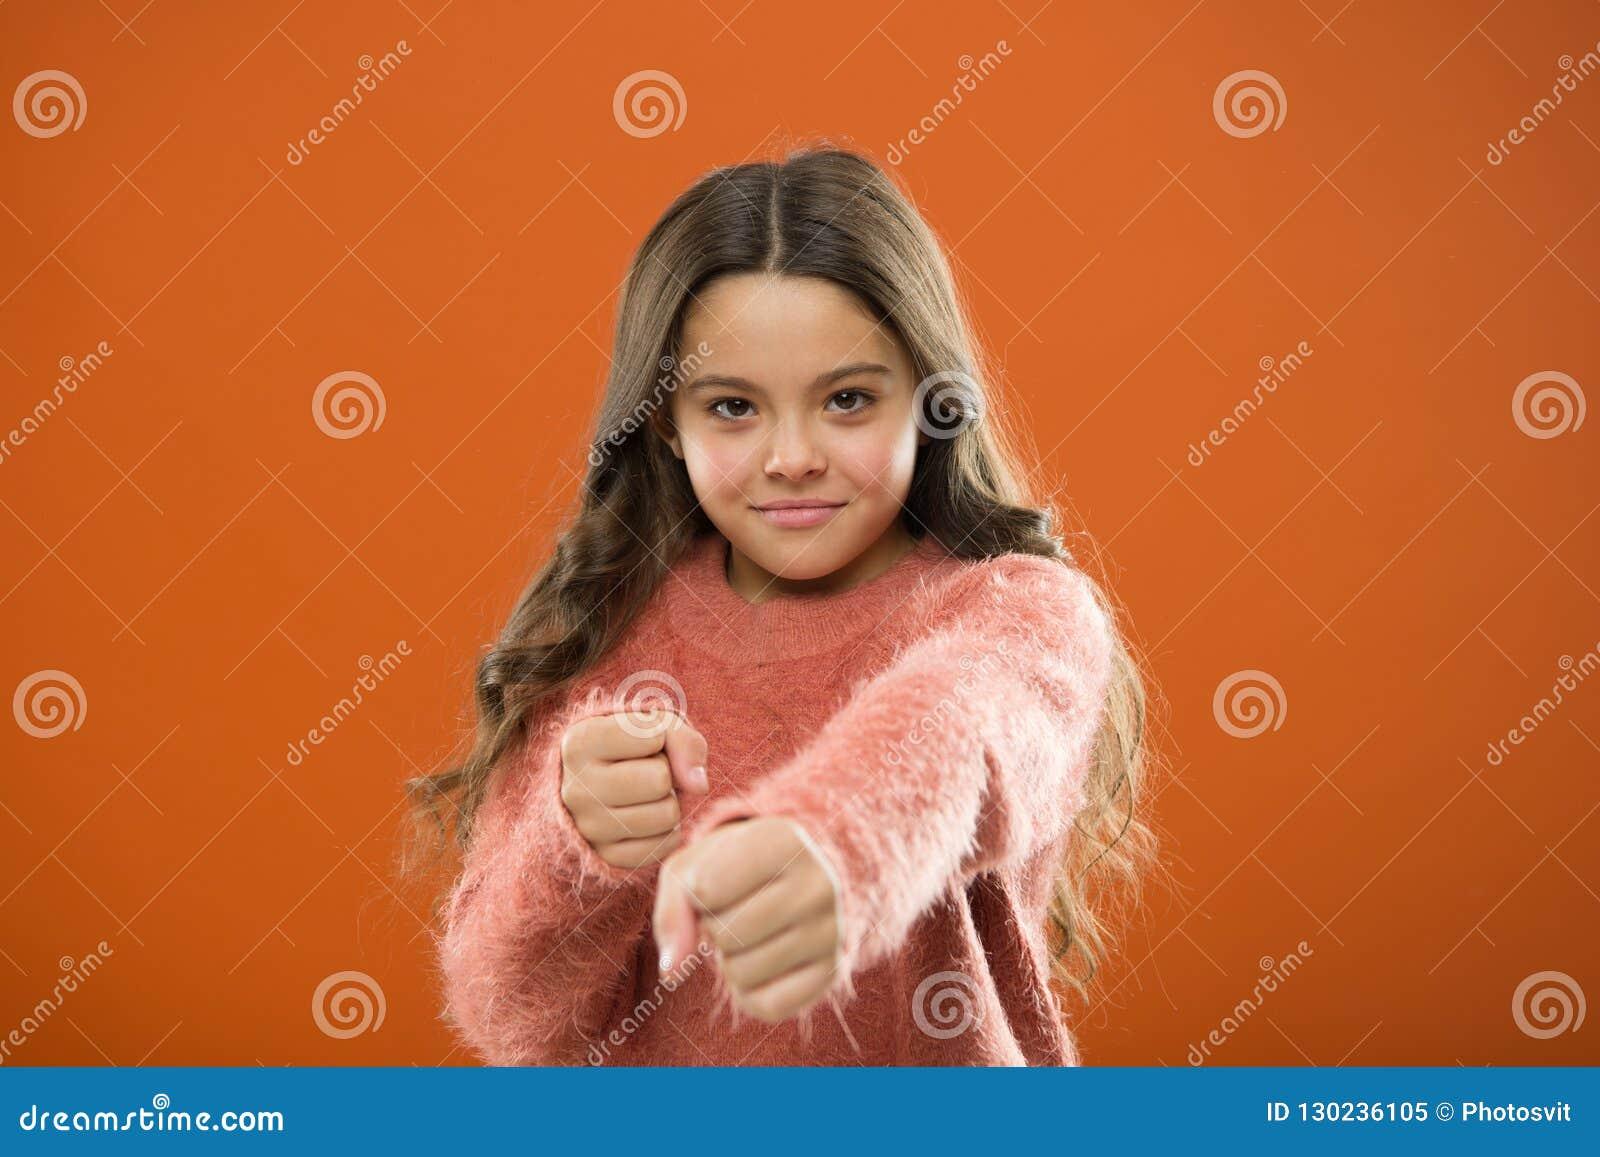 女孩举行拳头准备好攻击或保卫 坚强女孩的孩子逗人喜爱,但是 孩子的自卫 保卫无罪 怎么教